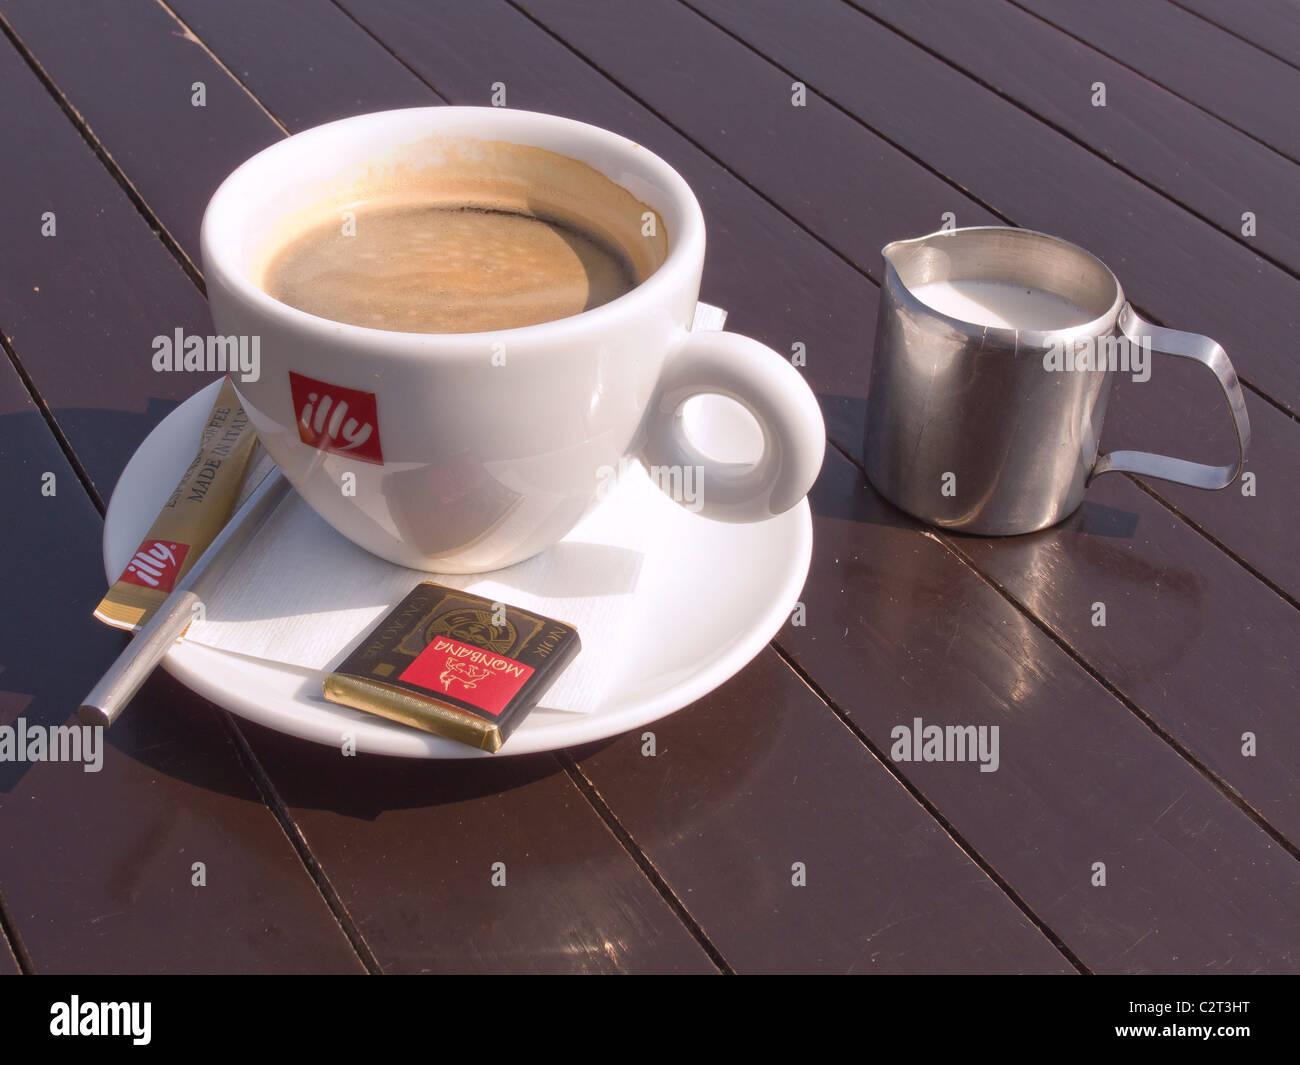 Una taza de café americano en una terraza exterior con una mesa de café Imagen De Stock